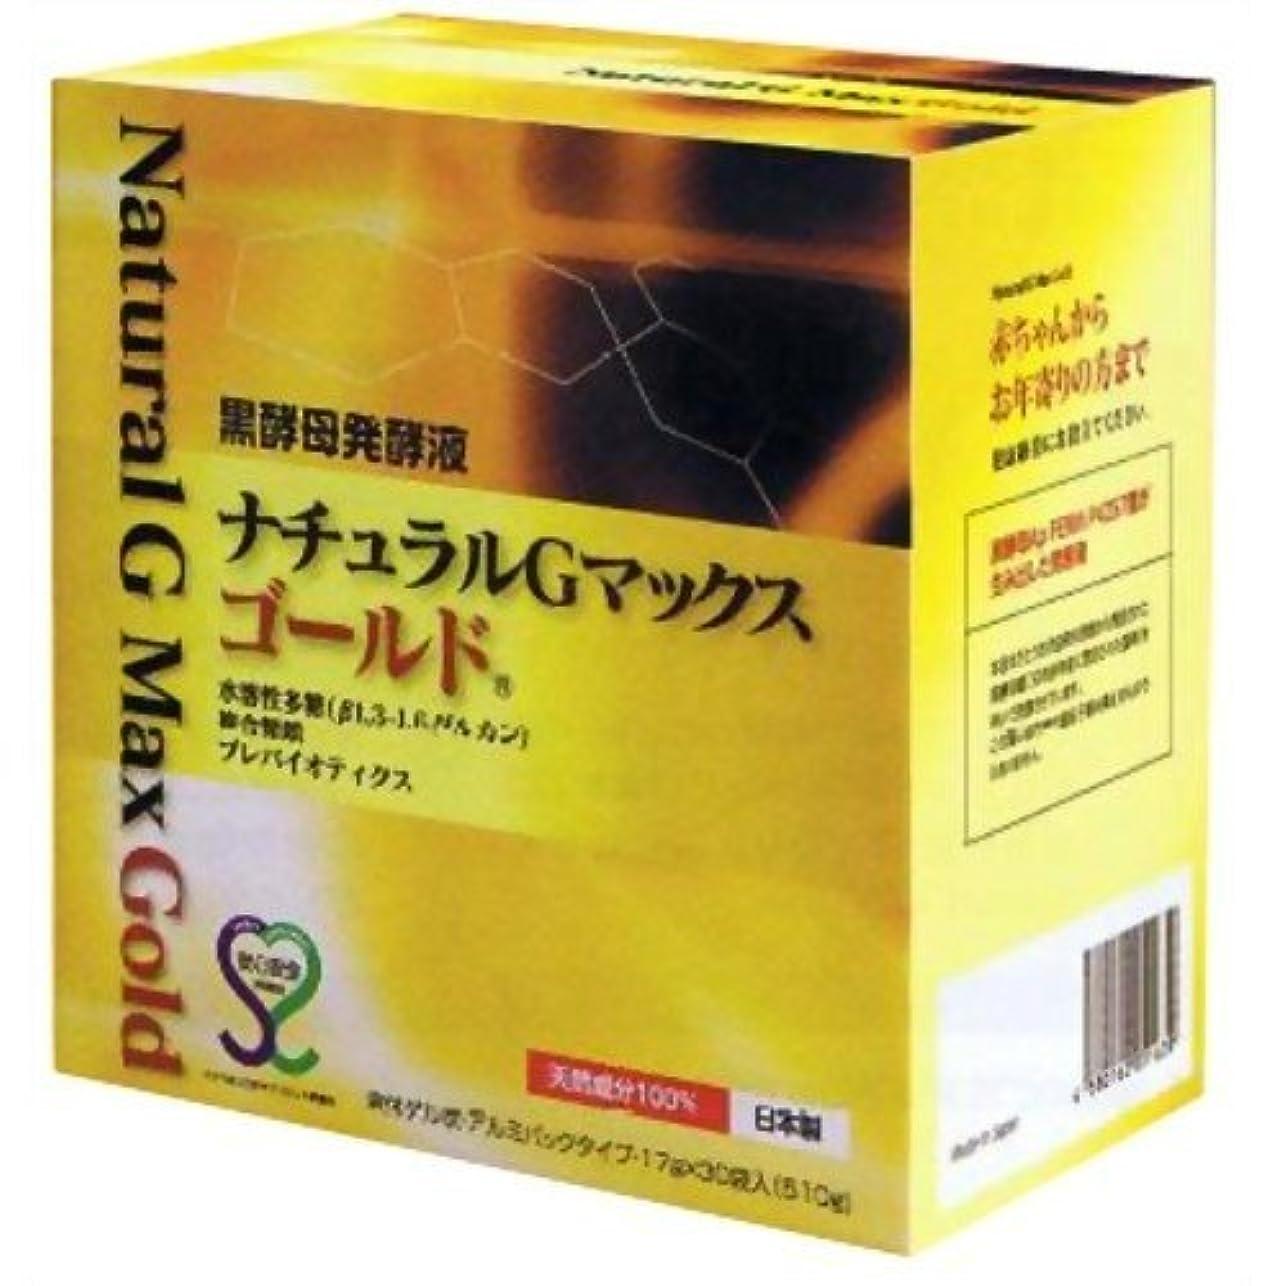 興奮ワーディアンケースプレゼント黒酵母発酵液 ナチュラルGマックスゴールド 17g×30袋